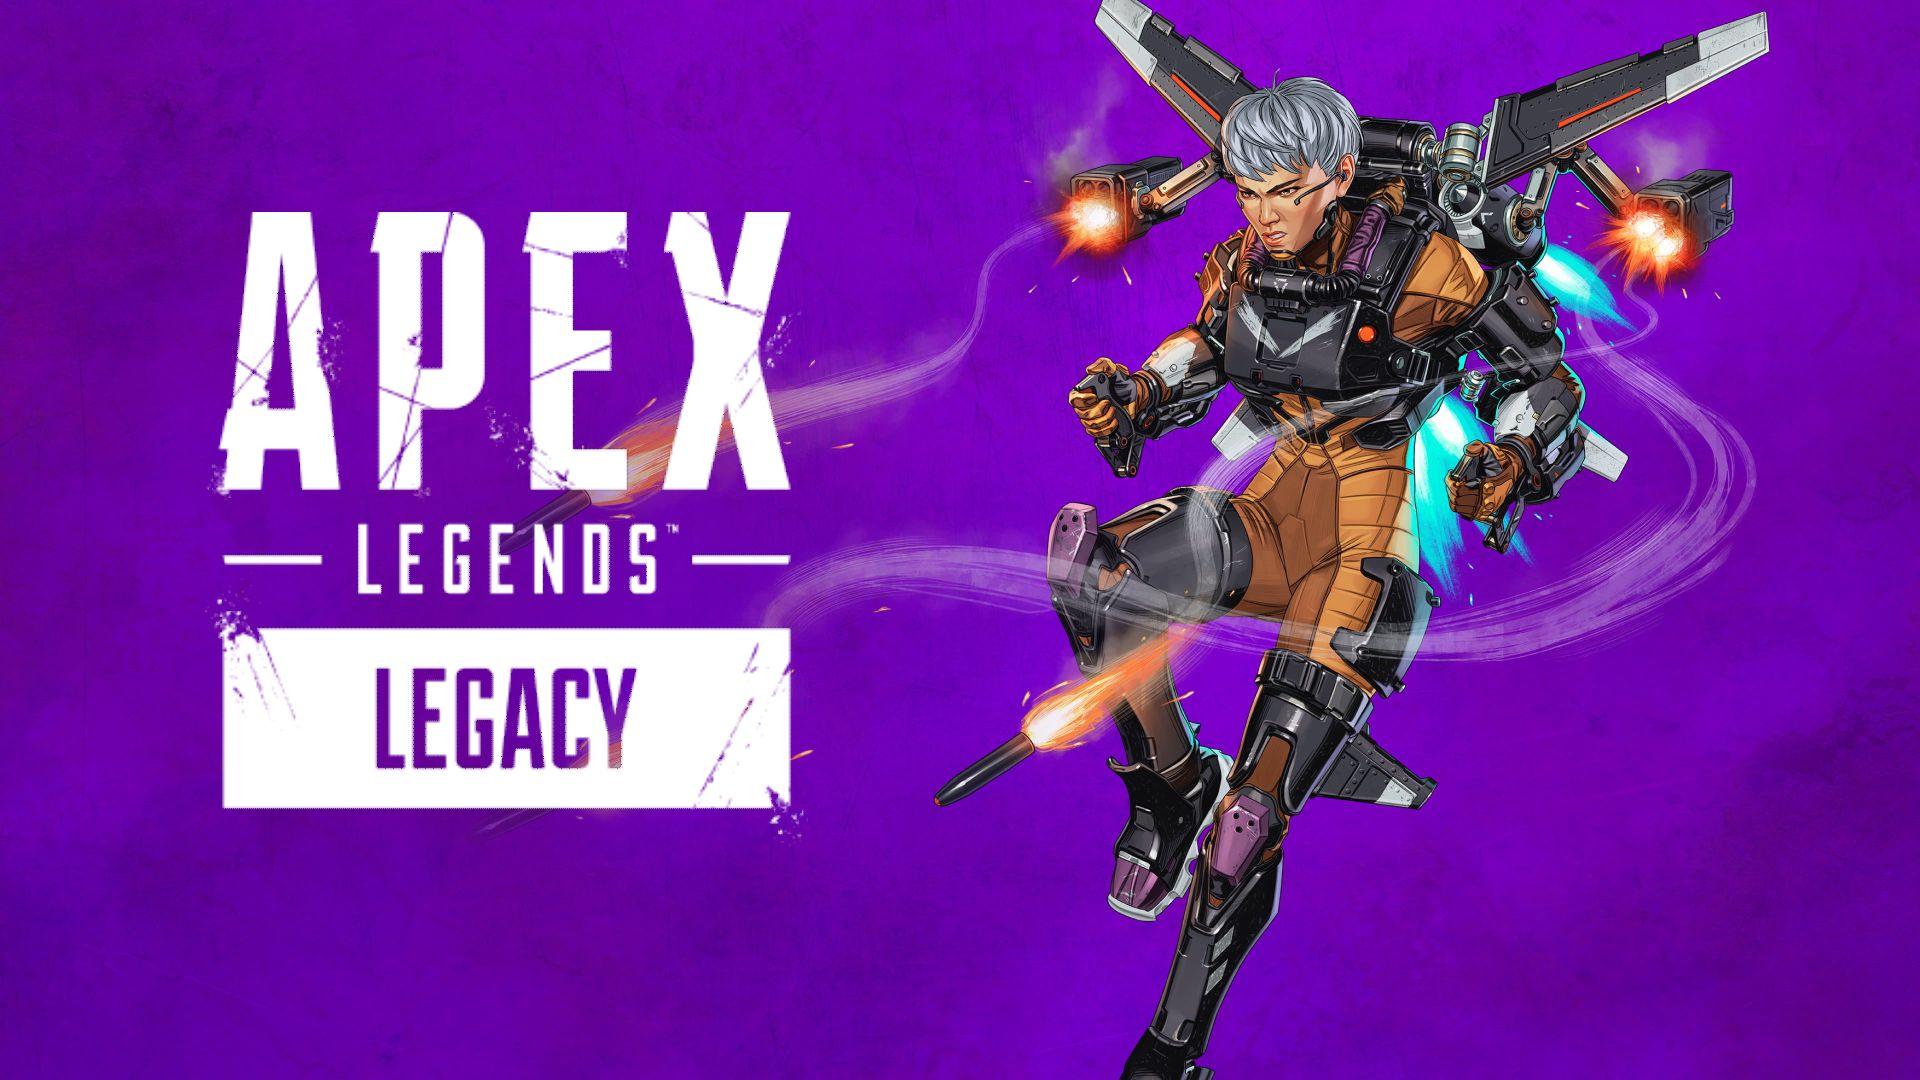 Apex Legends: Legacy adiciona modo frenético e personagem voadora | Voxel